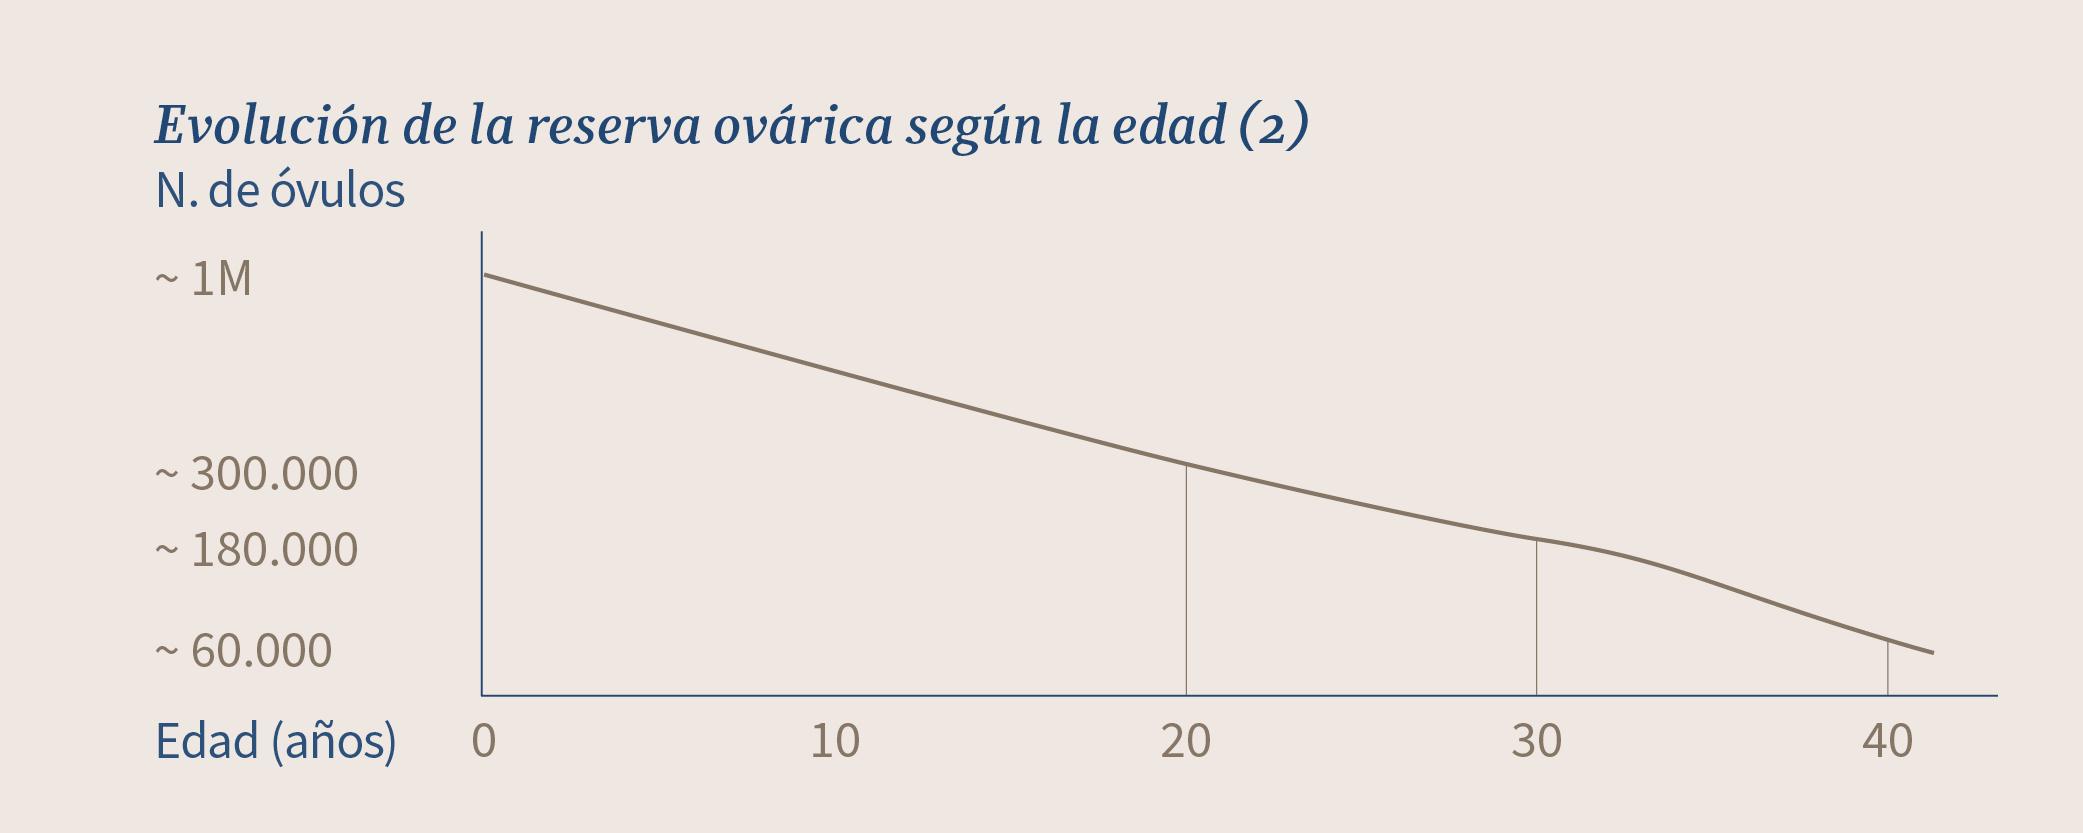 Evolución de la reserva ovárica según la edad